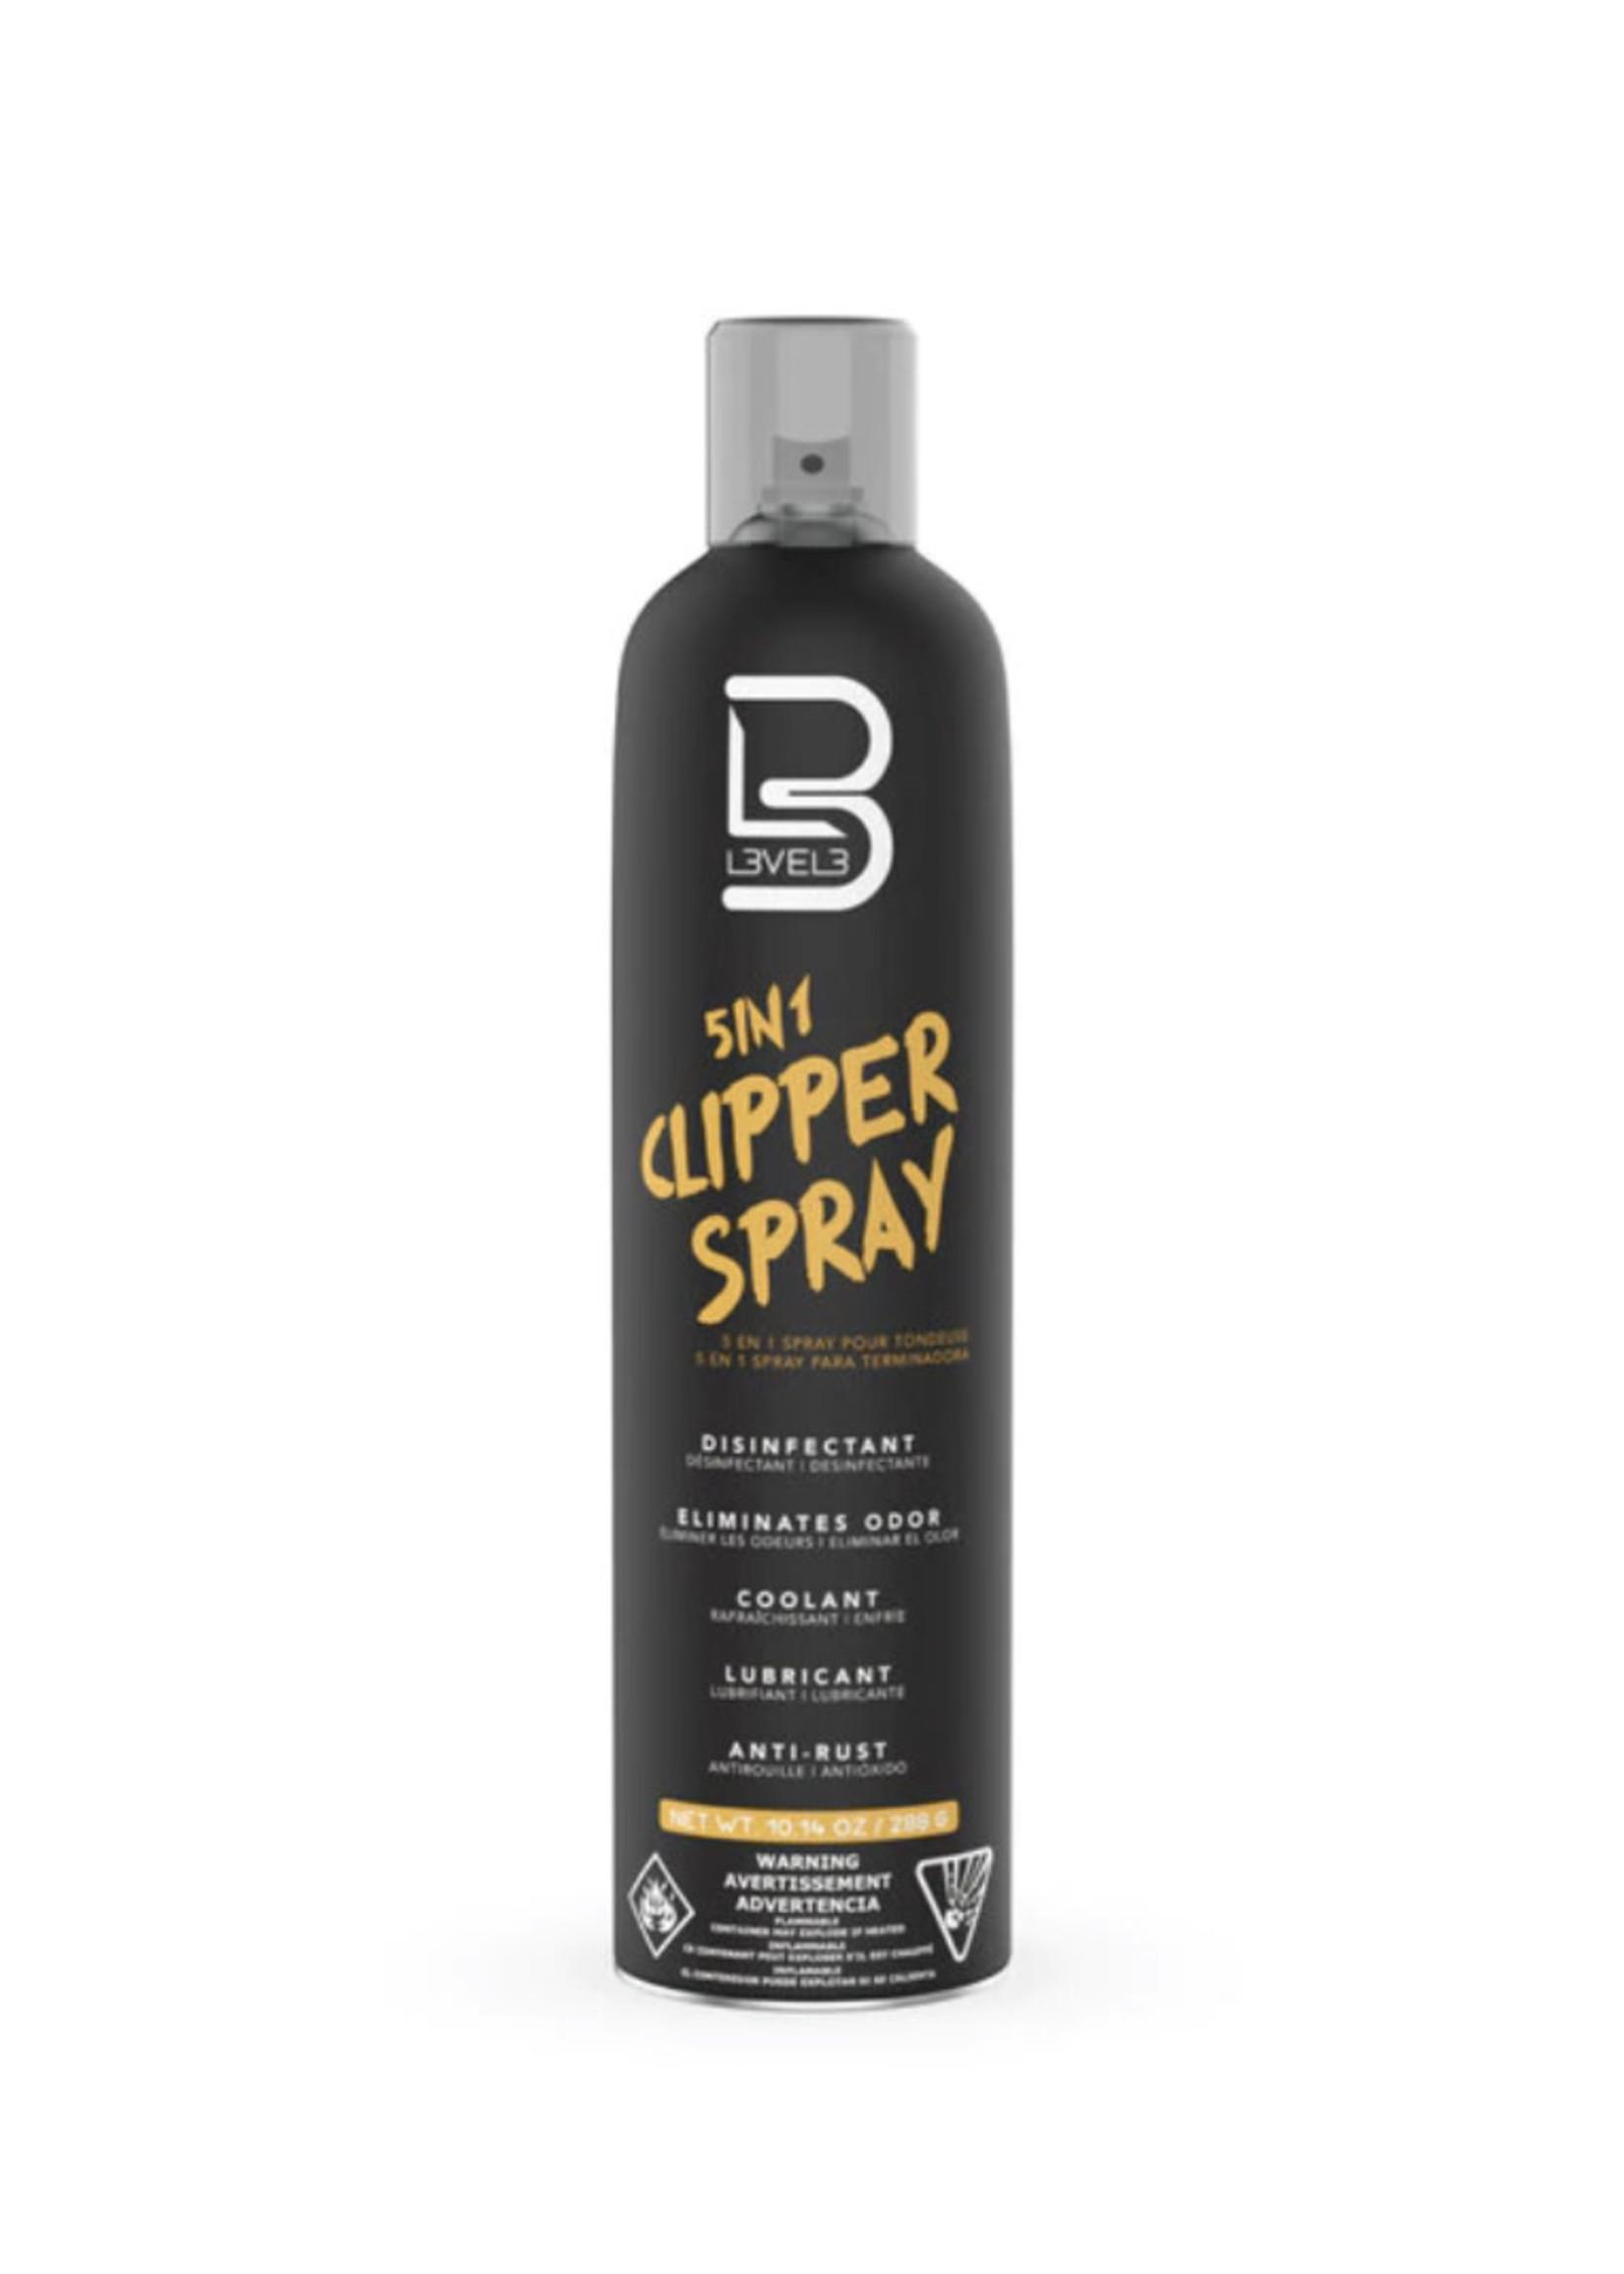 Level 3 L3 5 in 1 Clipper Spray